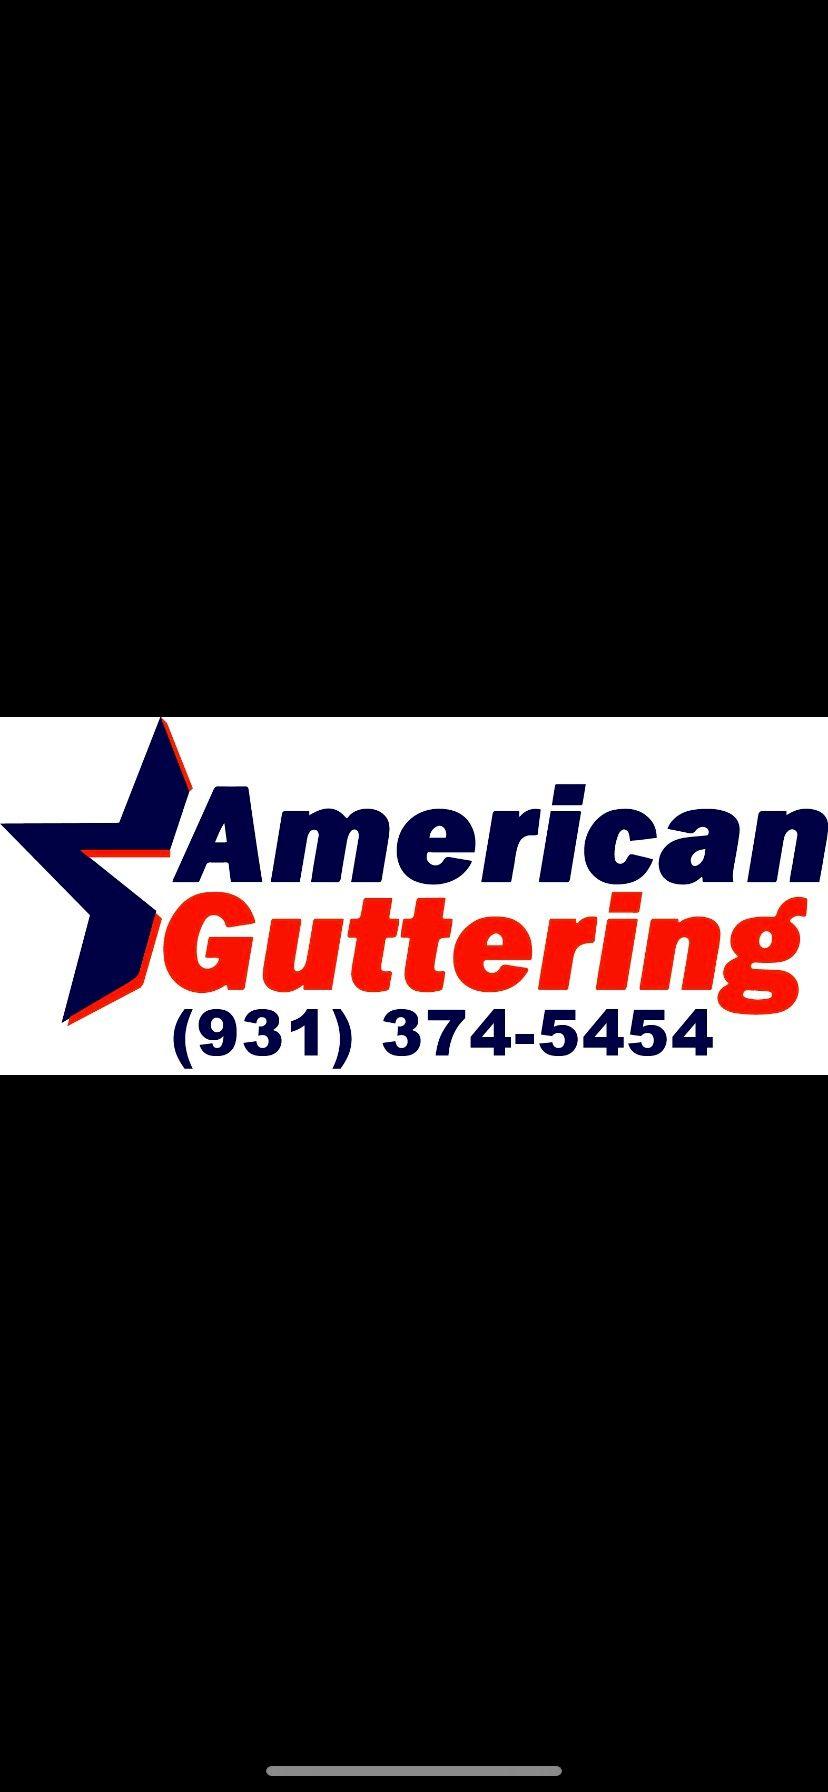 American Guttering